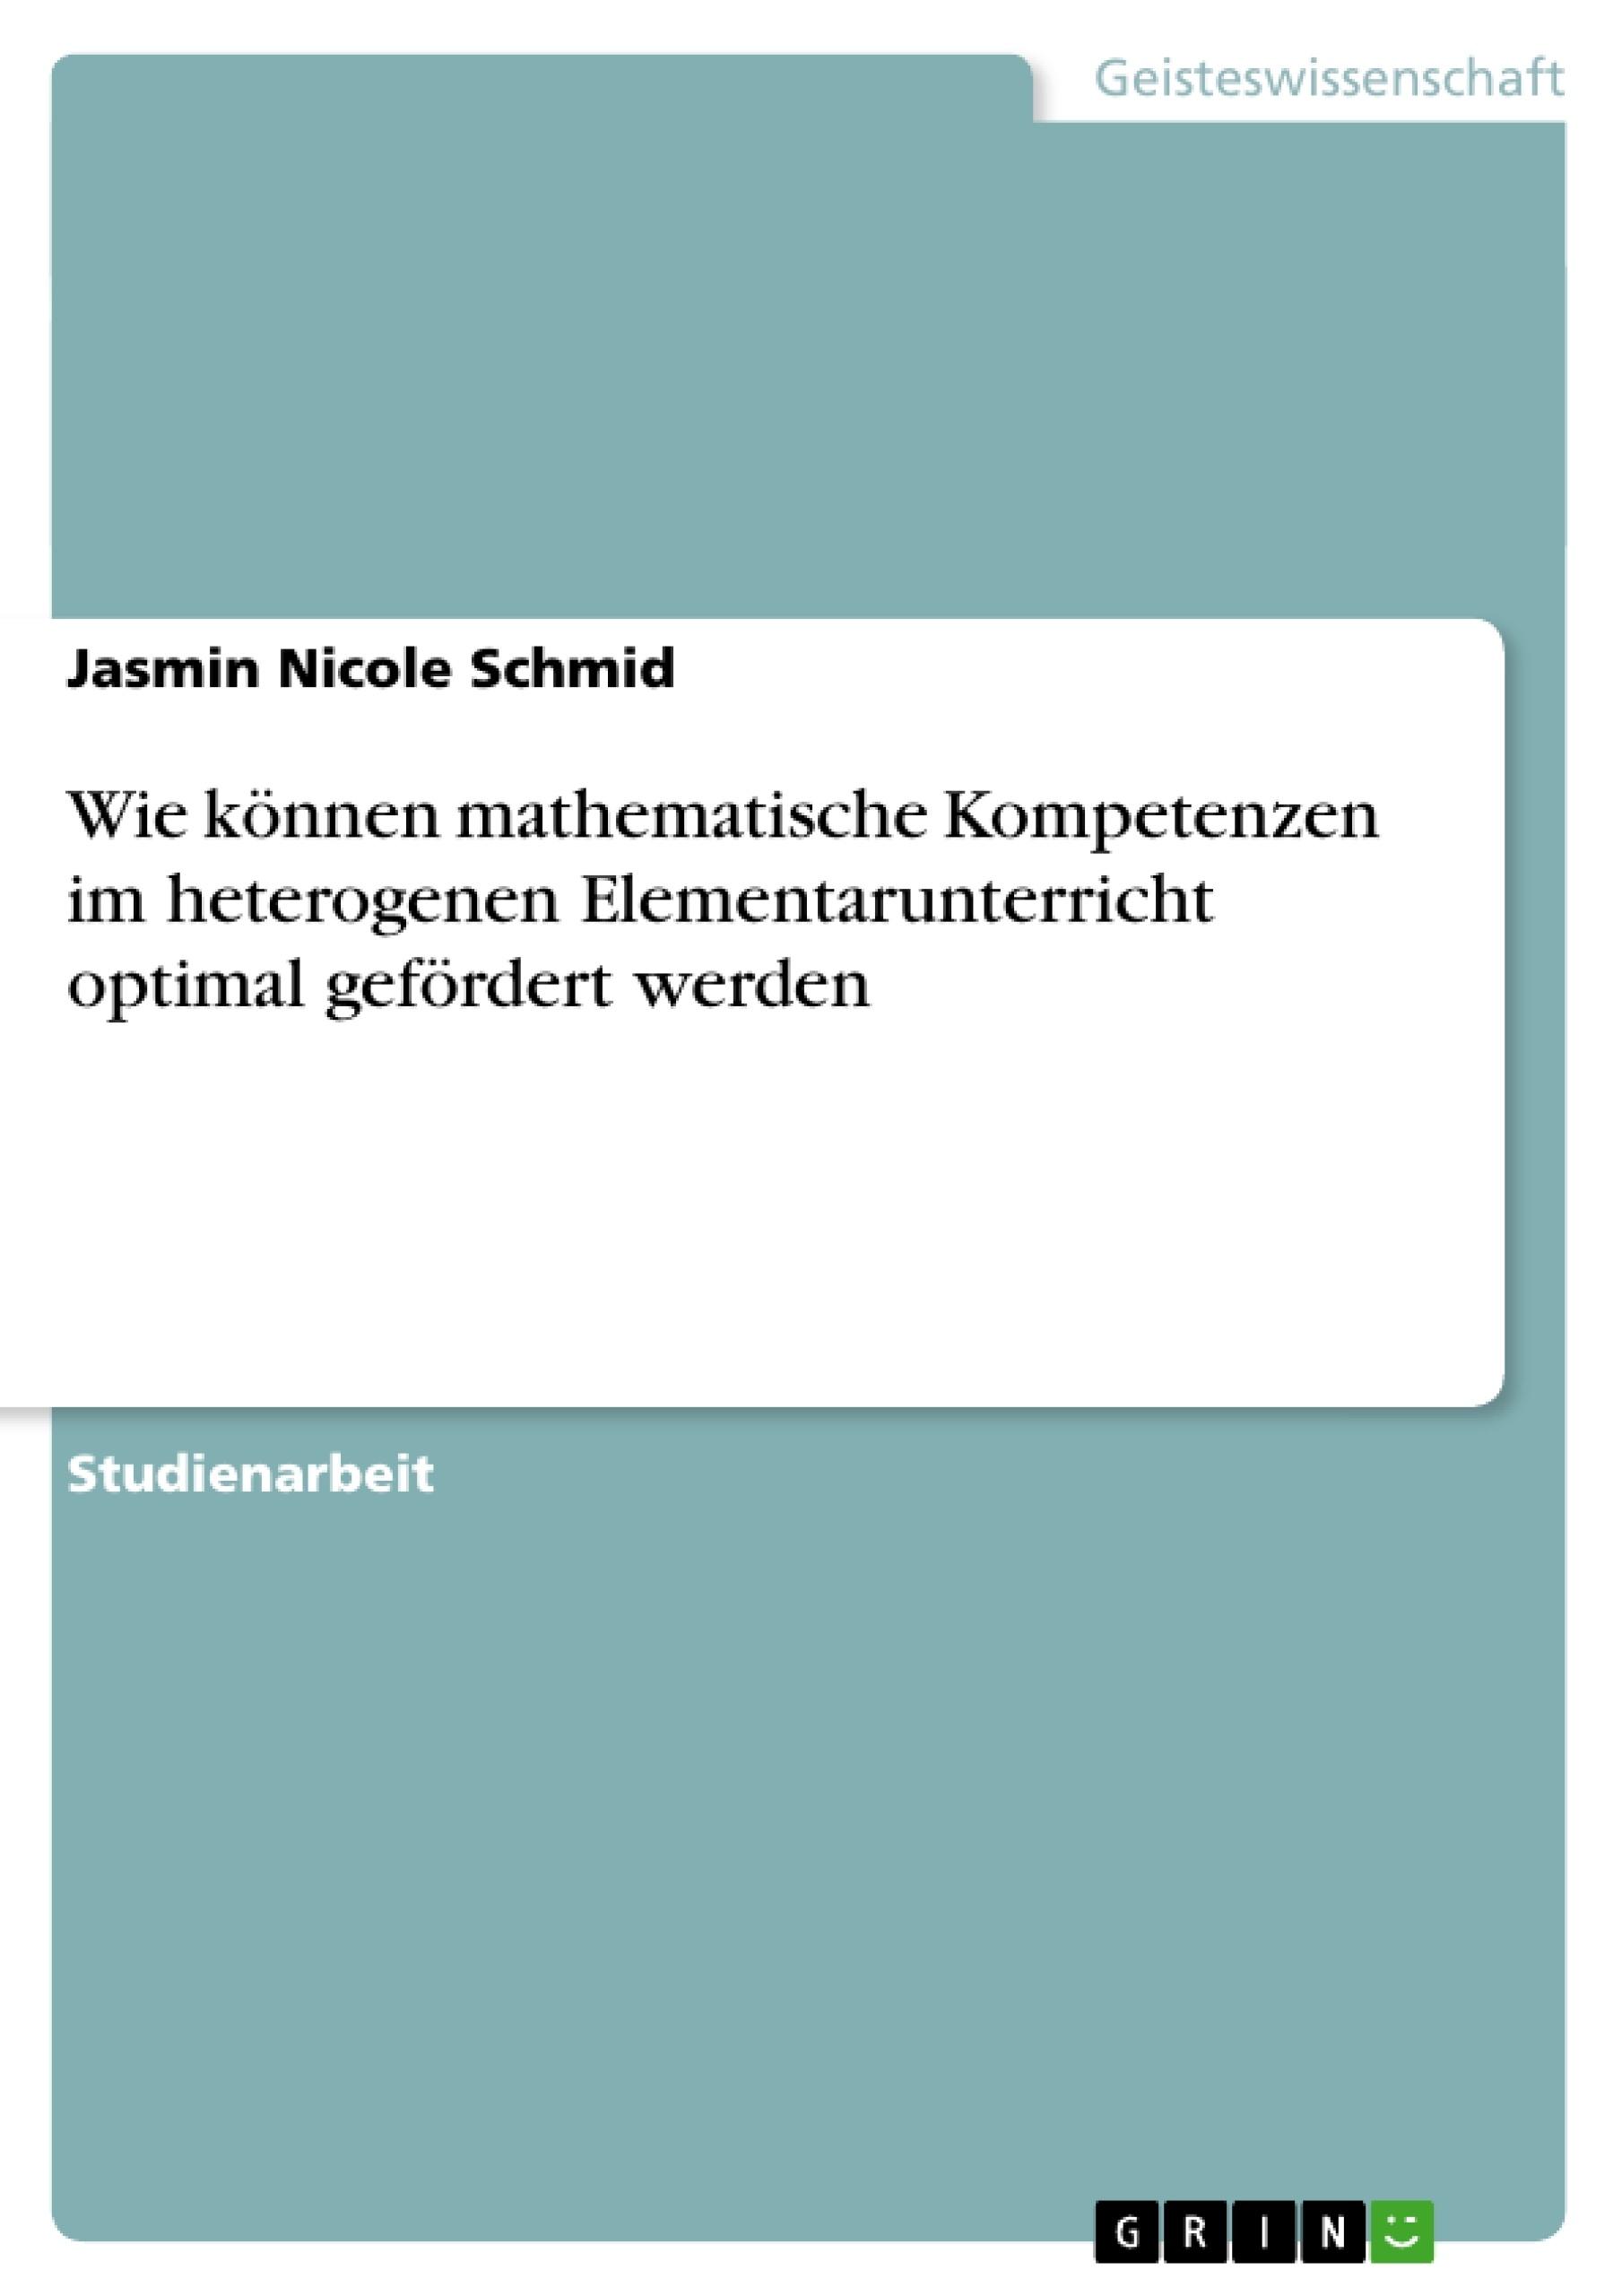 Titel: Wie können mathematische Kompetenzen im heterogenen Elementarunterricht optimal gefördert werden